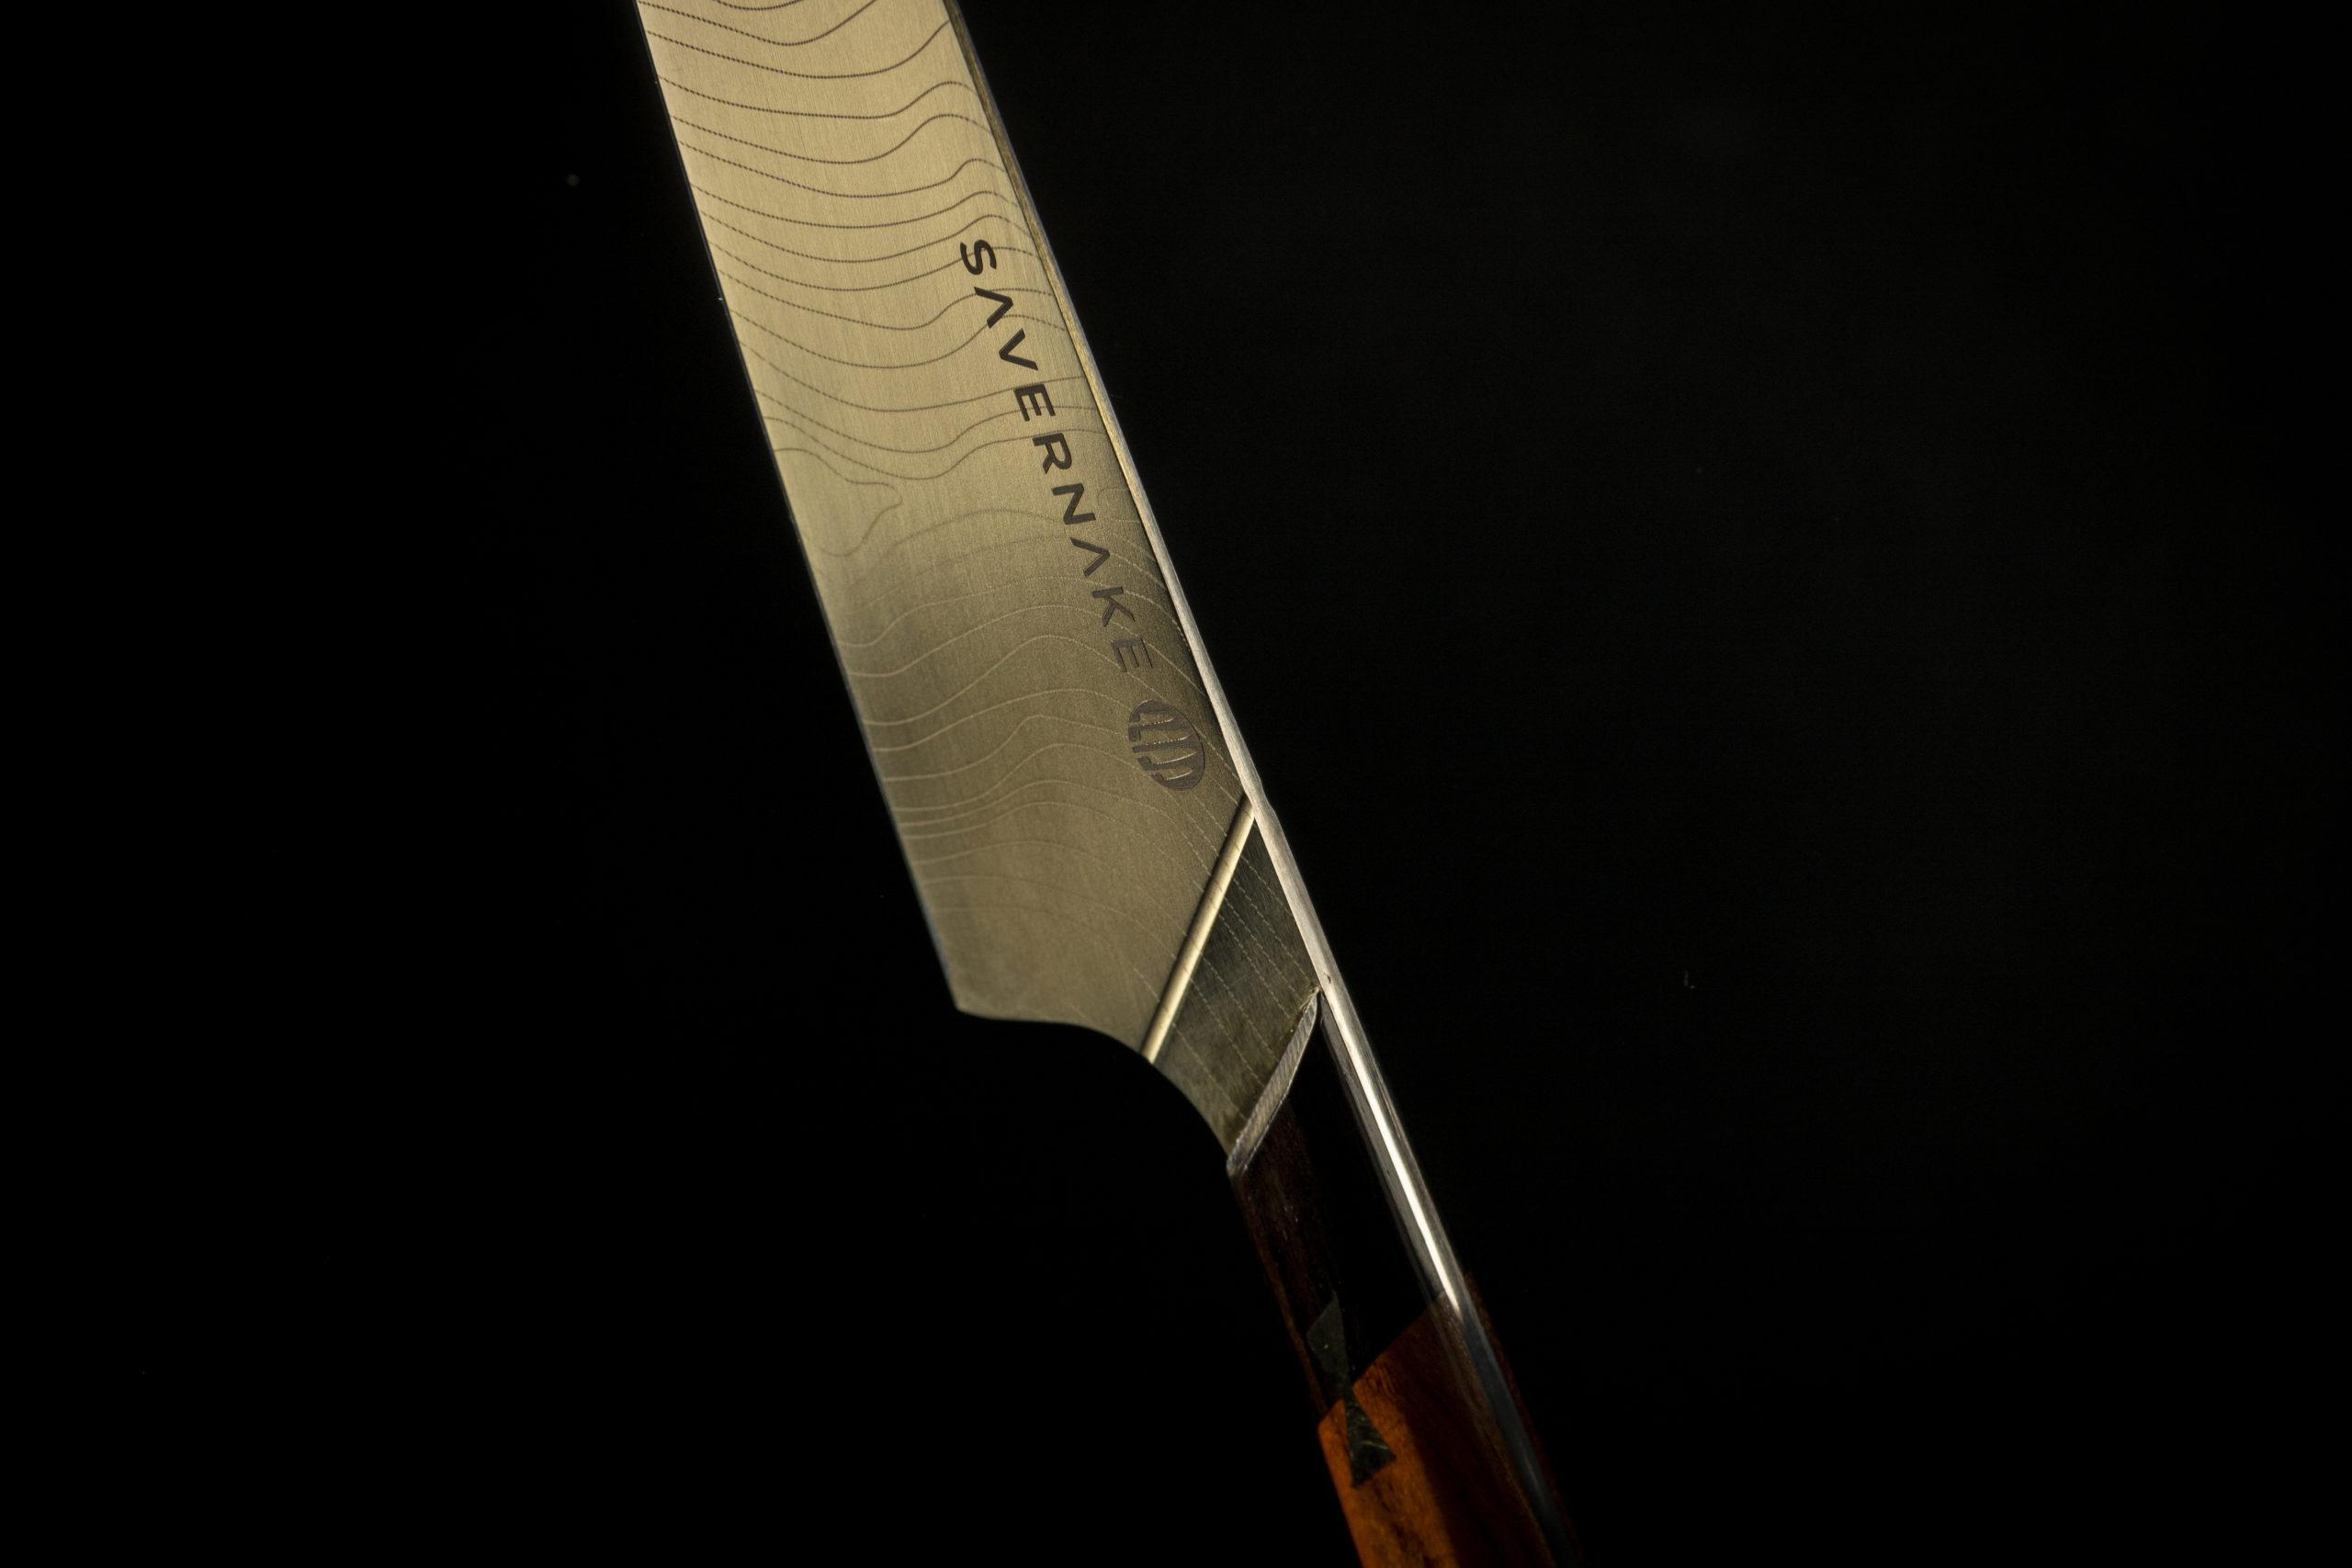 Lanserring Knife